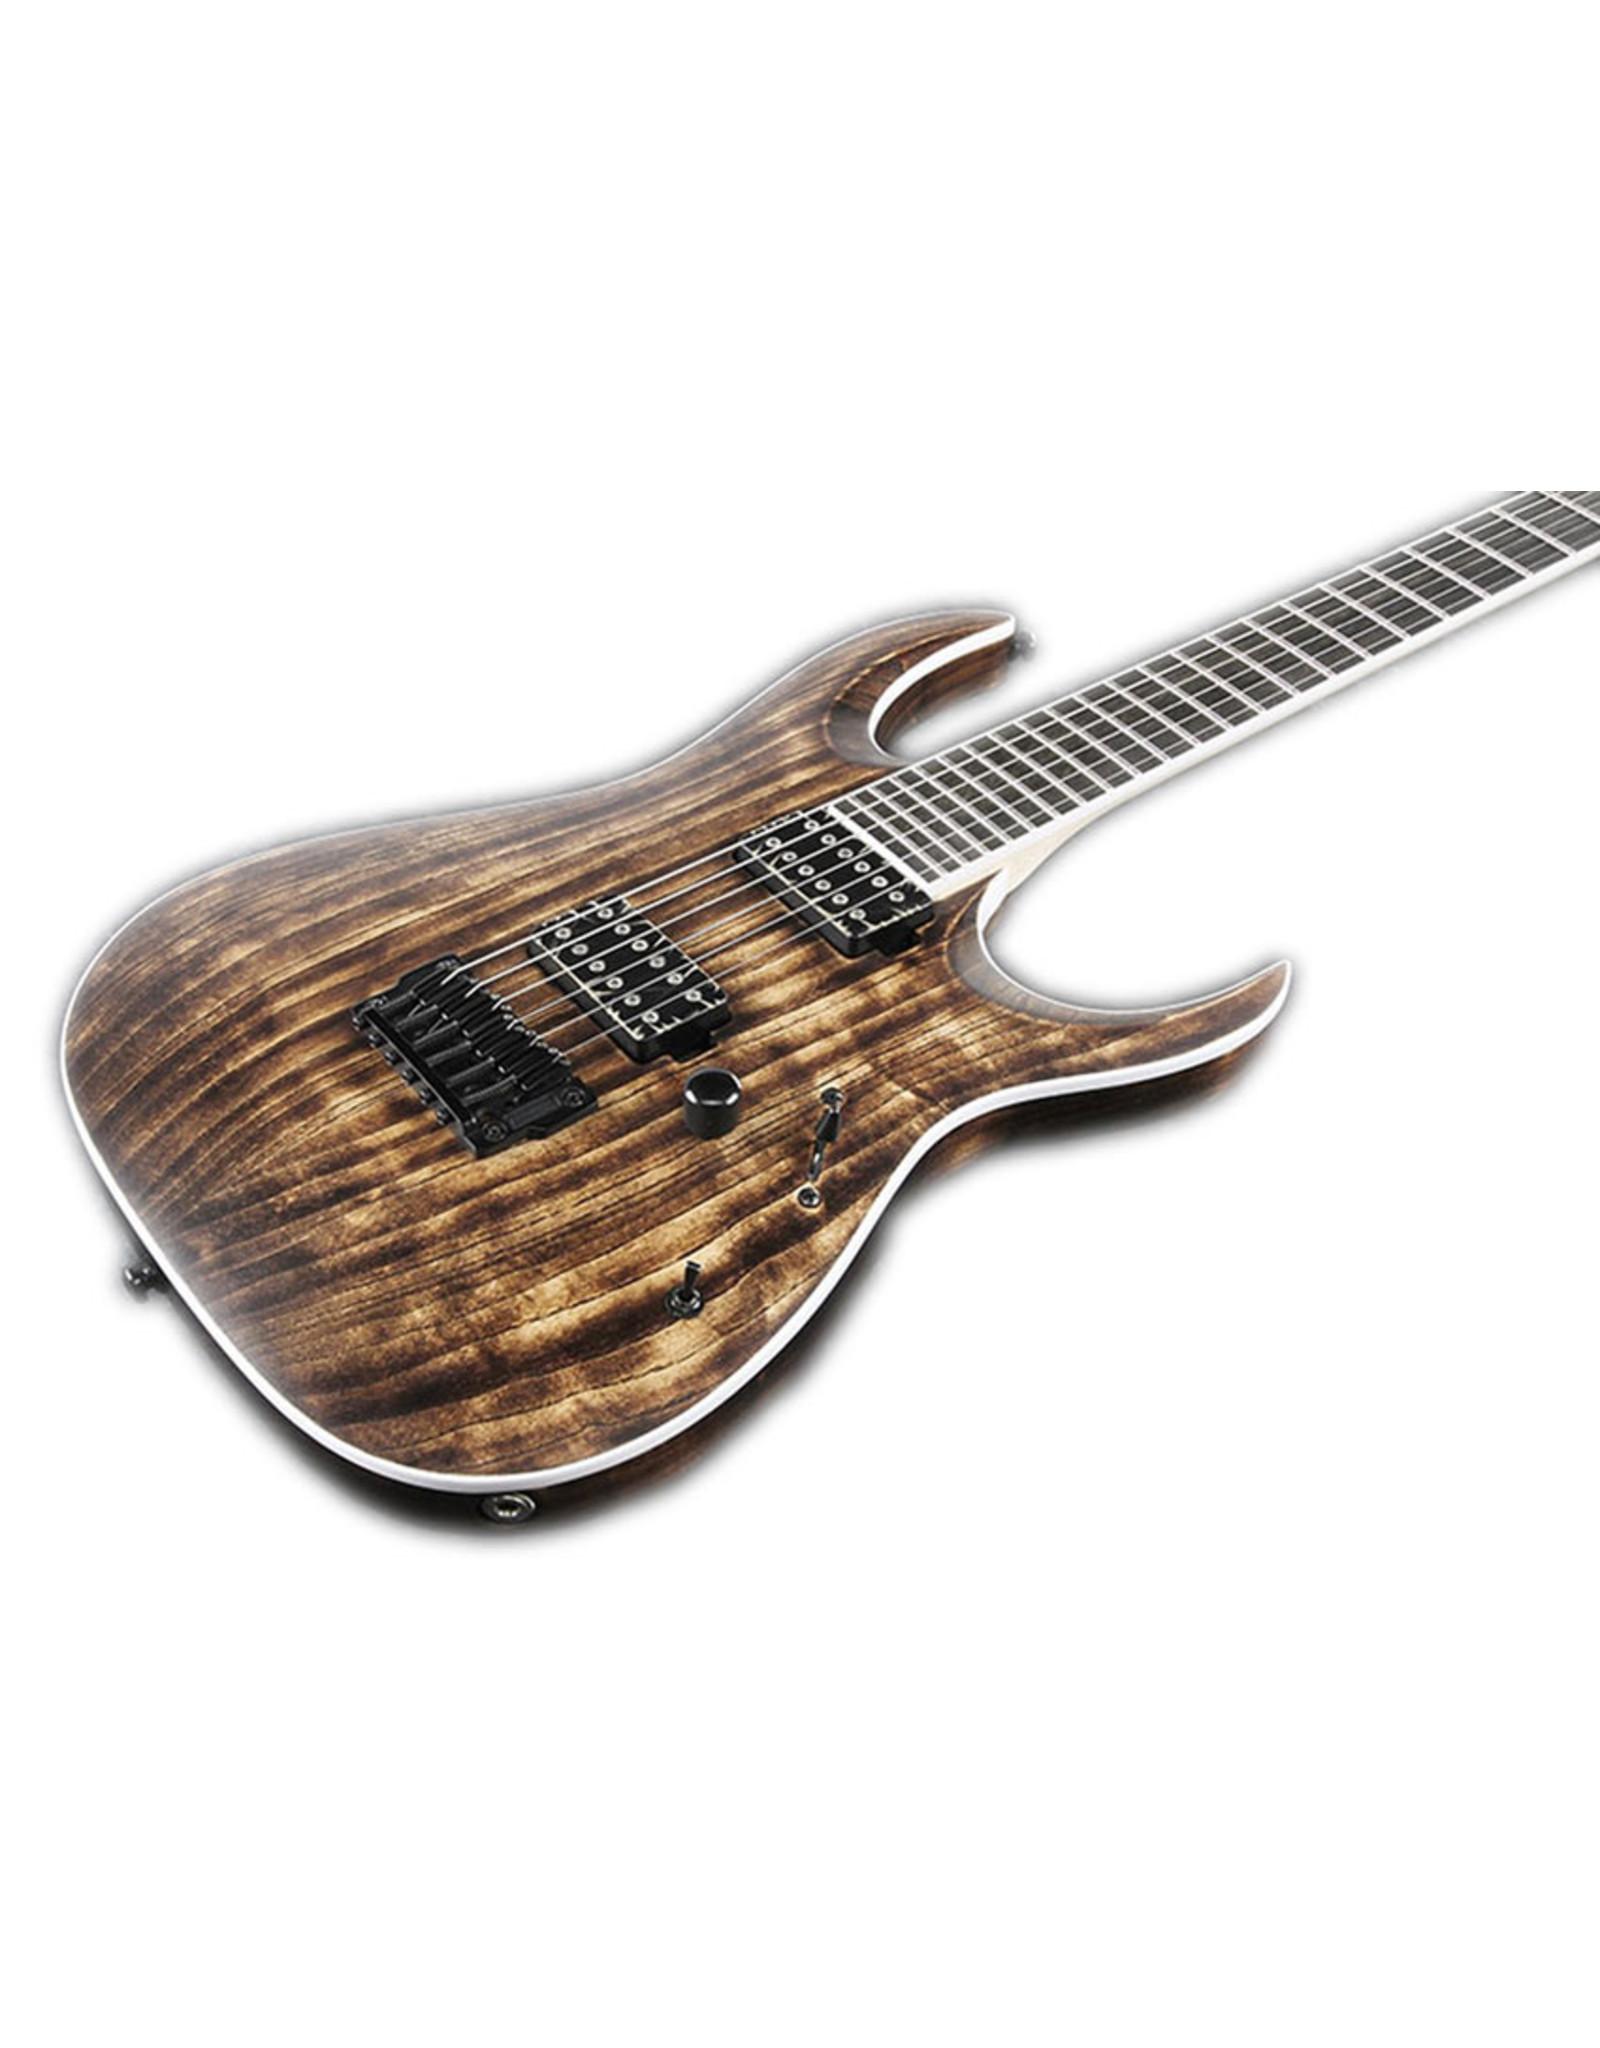 Ibanez Ibanez RGAIX6U-ABS /  Elektrische gitaar Iron Label